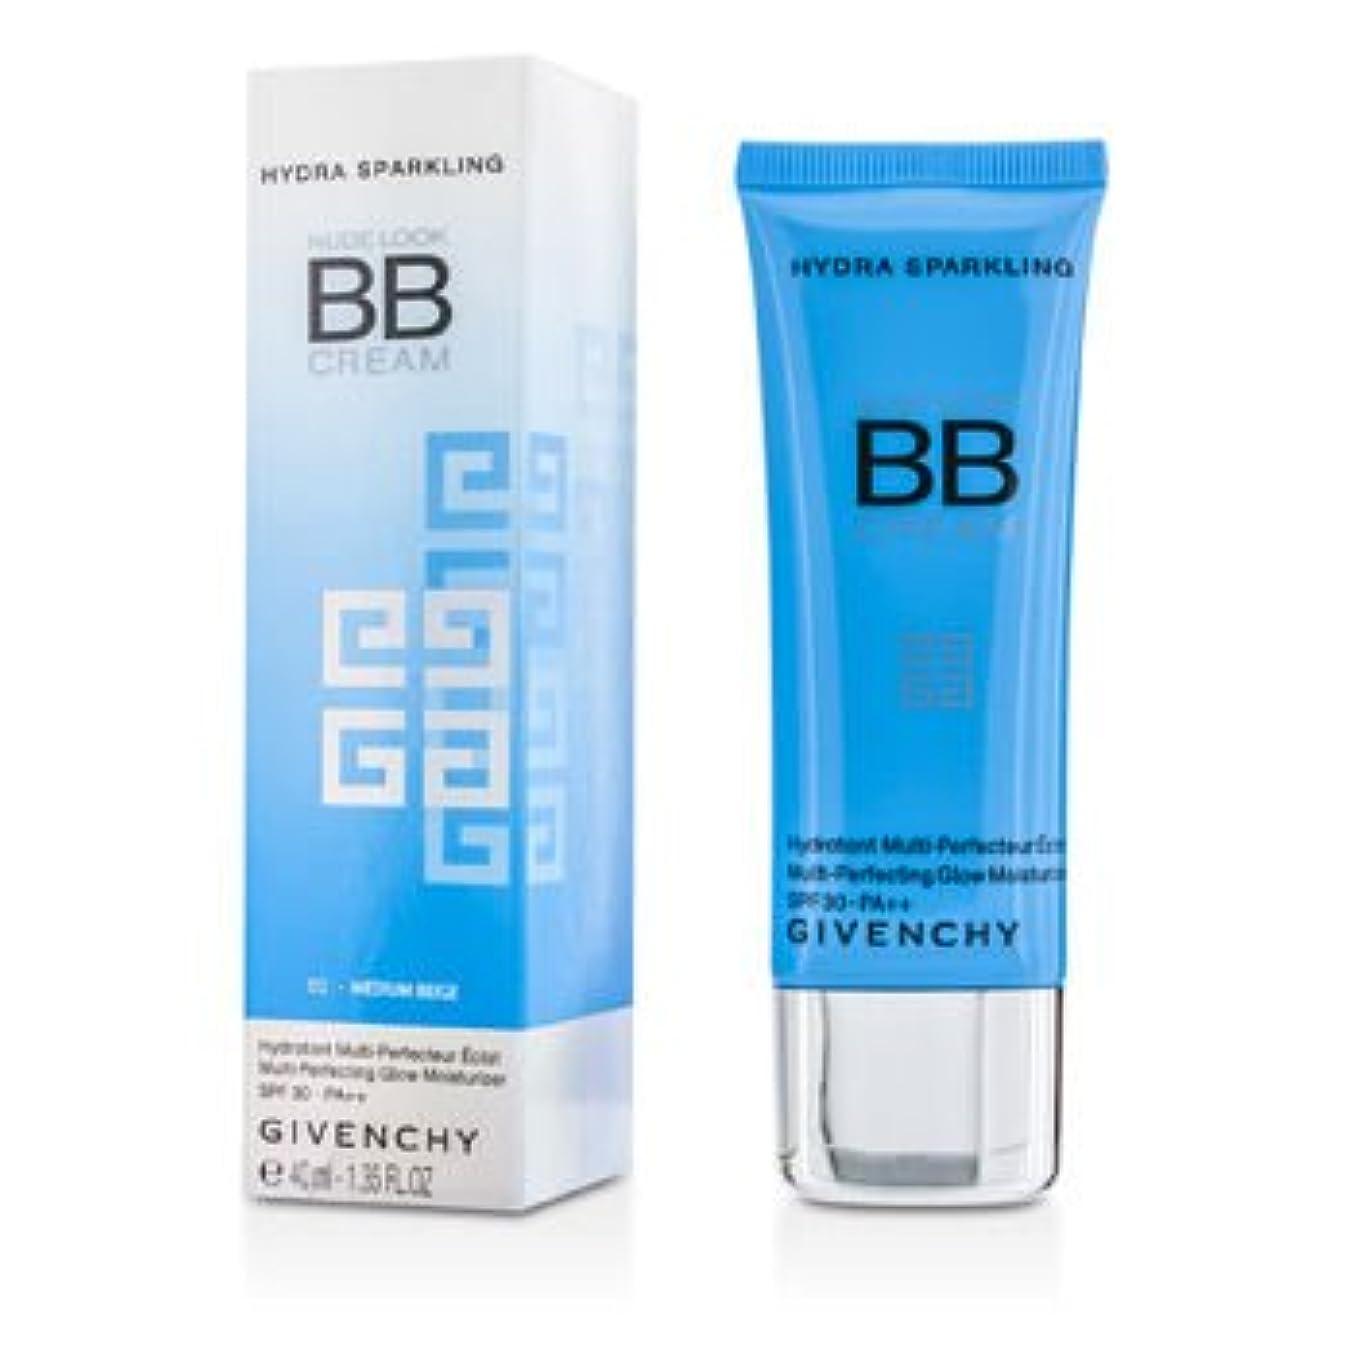 こっそり確保する幸運な[Givenchy] Nude Look BB Cream Multi-Perfecting Glow Moisturizer SPF 30 PA++ #02 Medium Beige 40ml/1.35oz